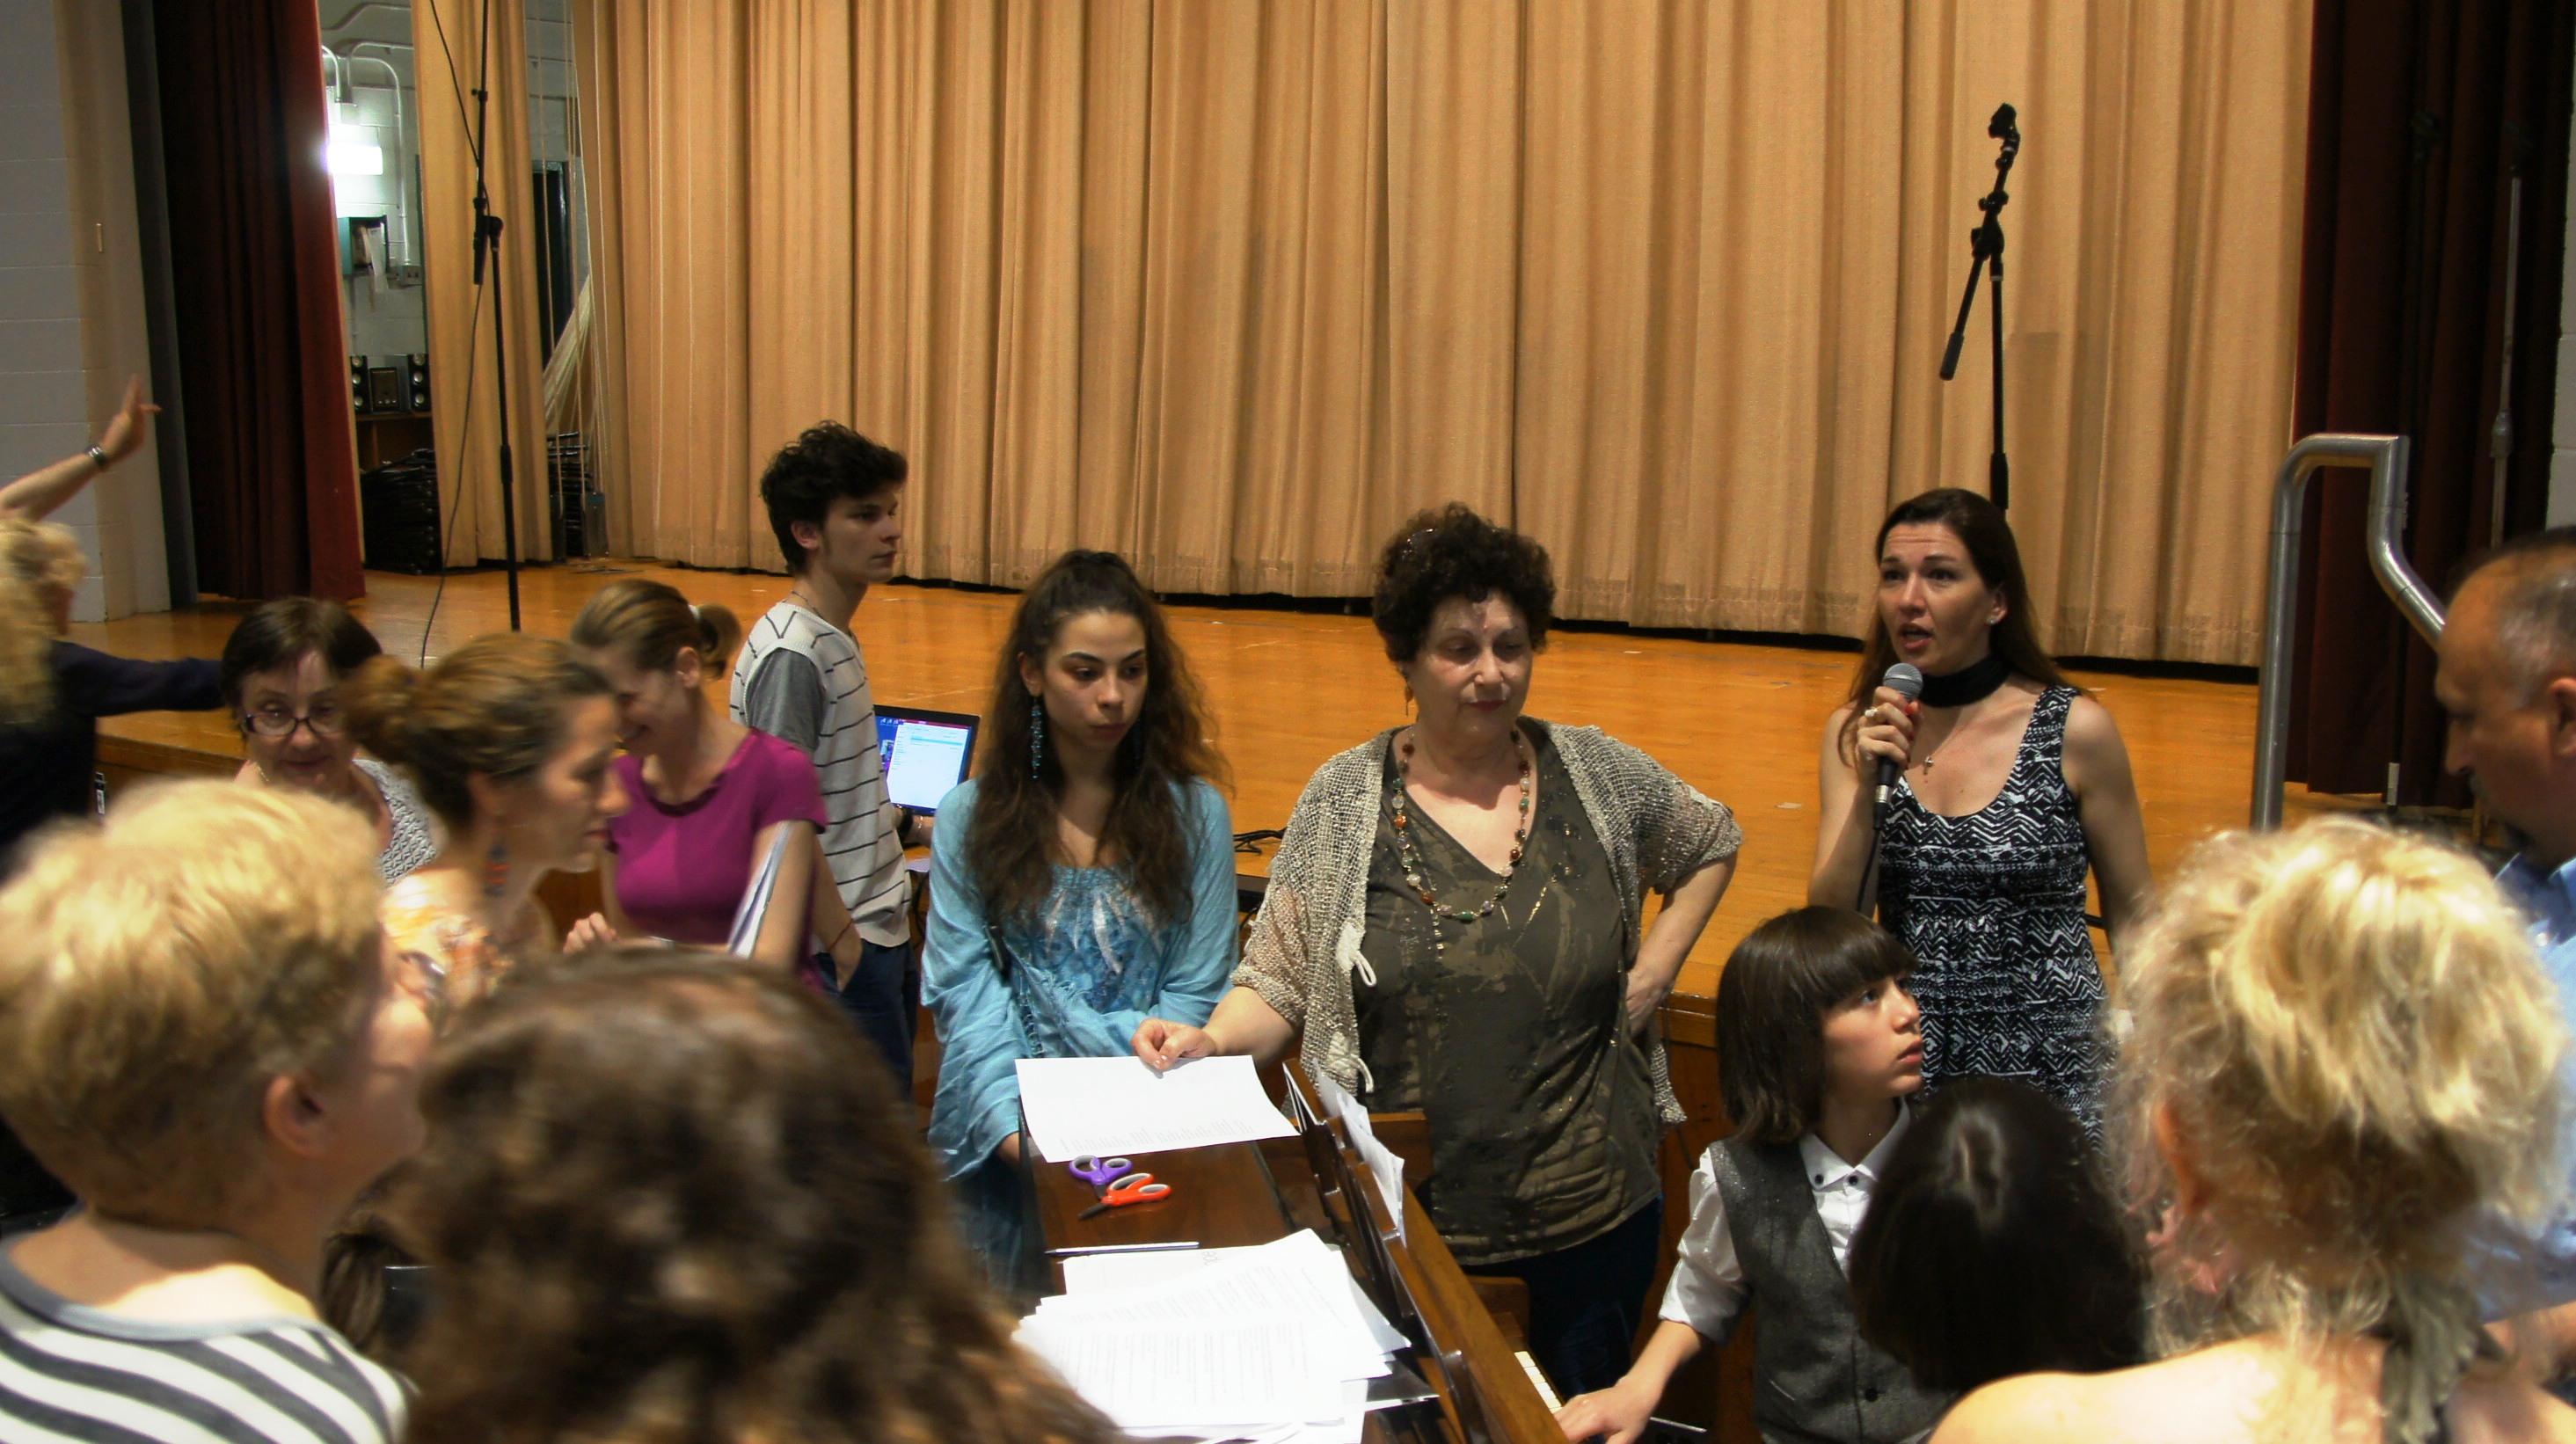 """Завършекът на репетицията за тържеството по случай 24 май в училище """"Гергана"""", Ню Йорк. Сн. Лина Гергова"""